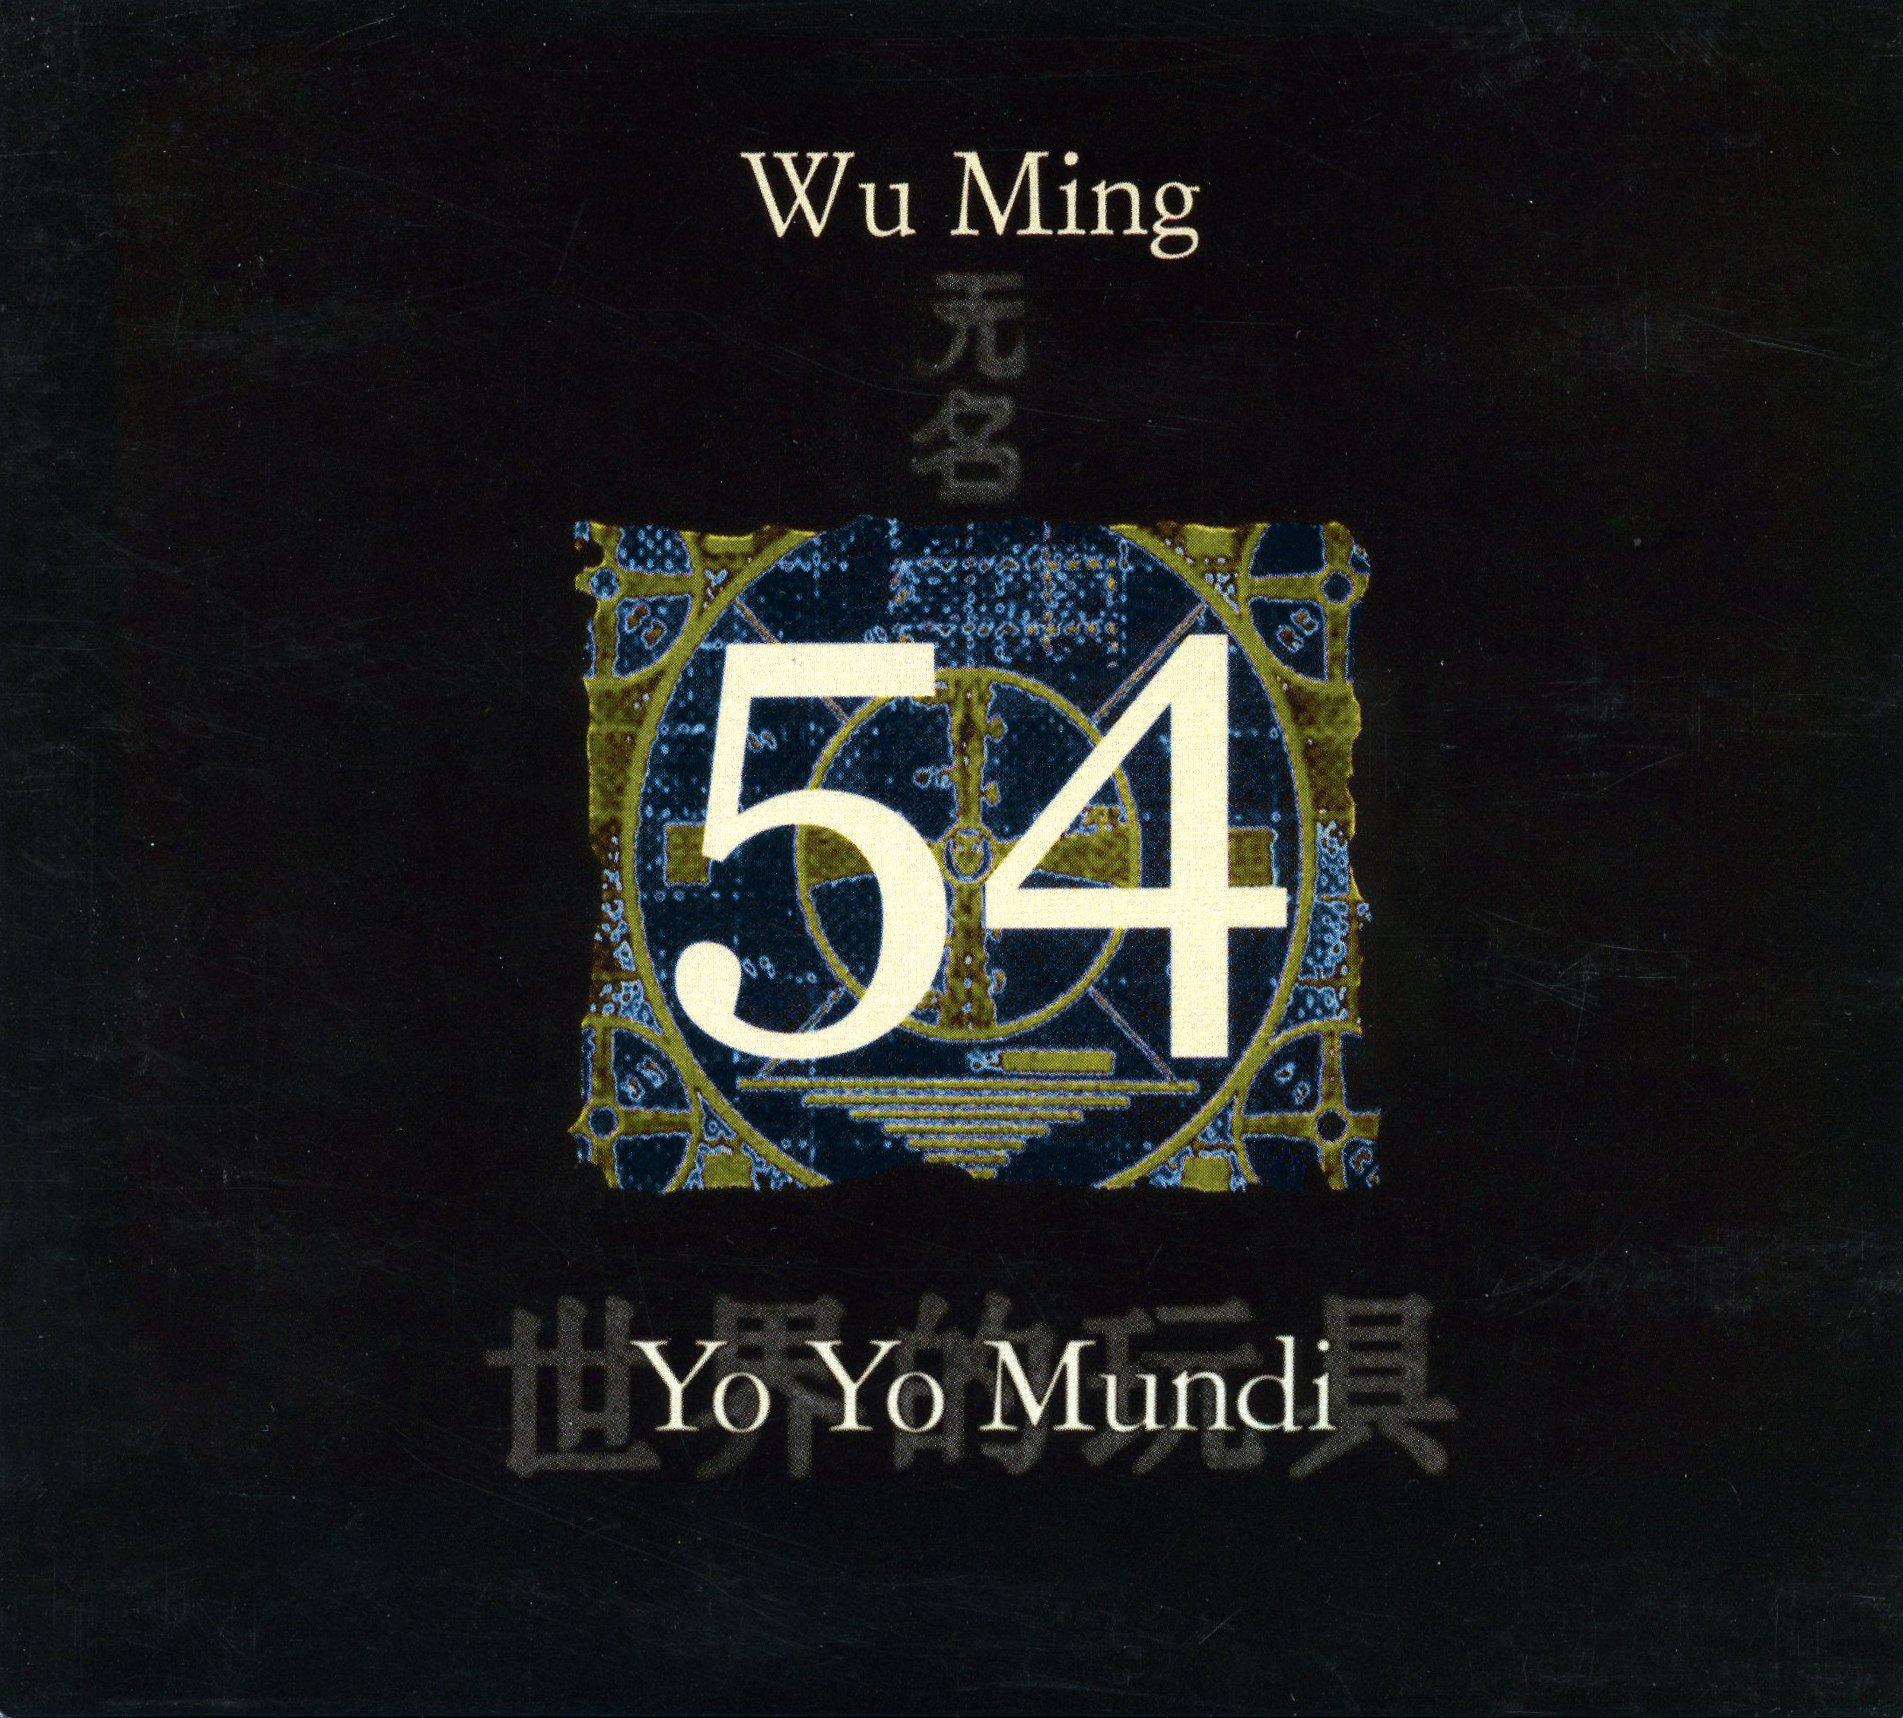 54 degli Yo Yo Mundi